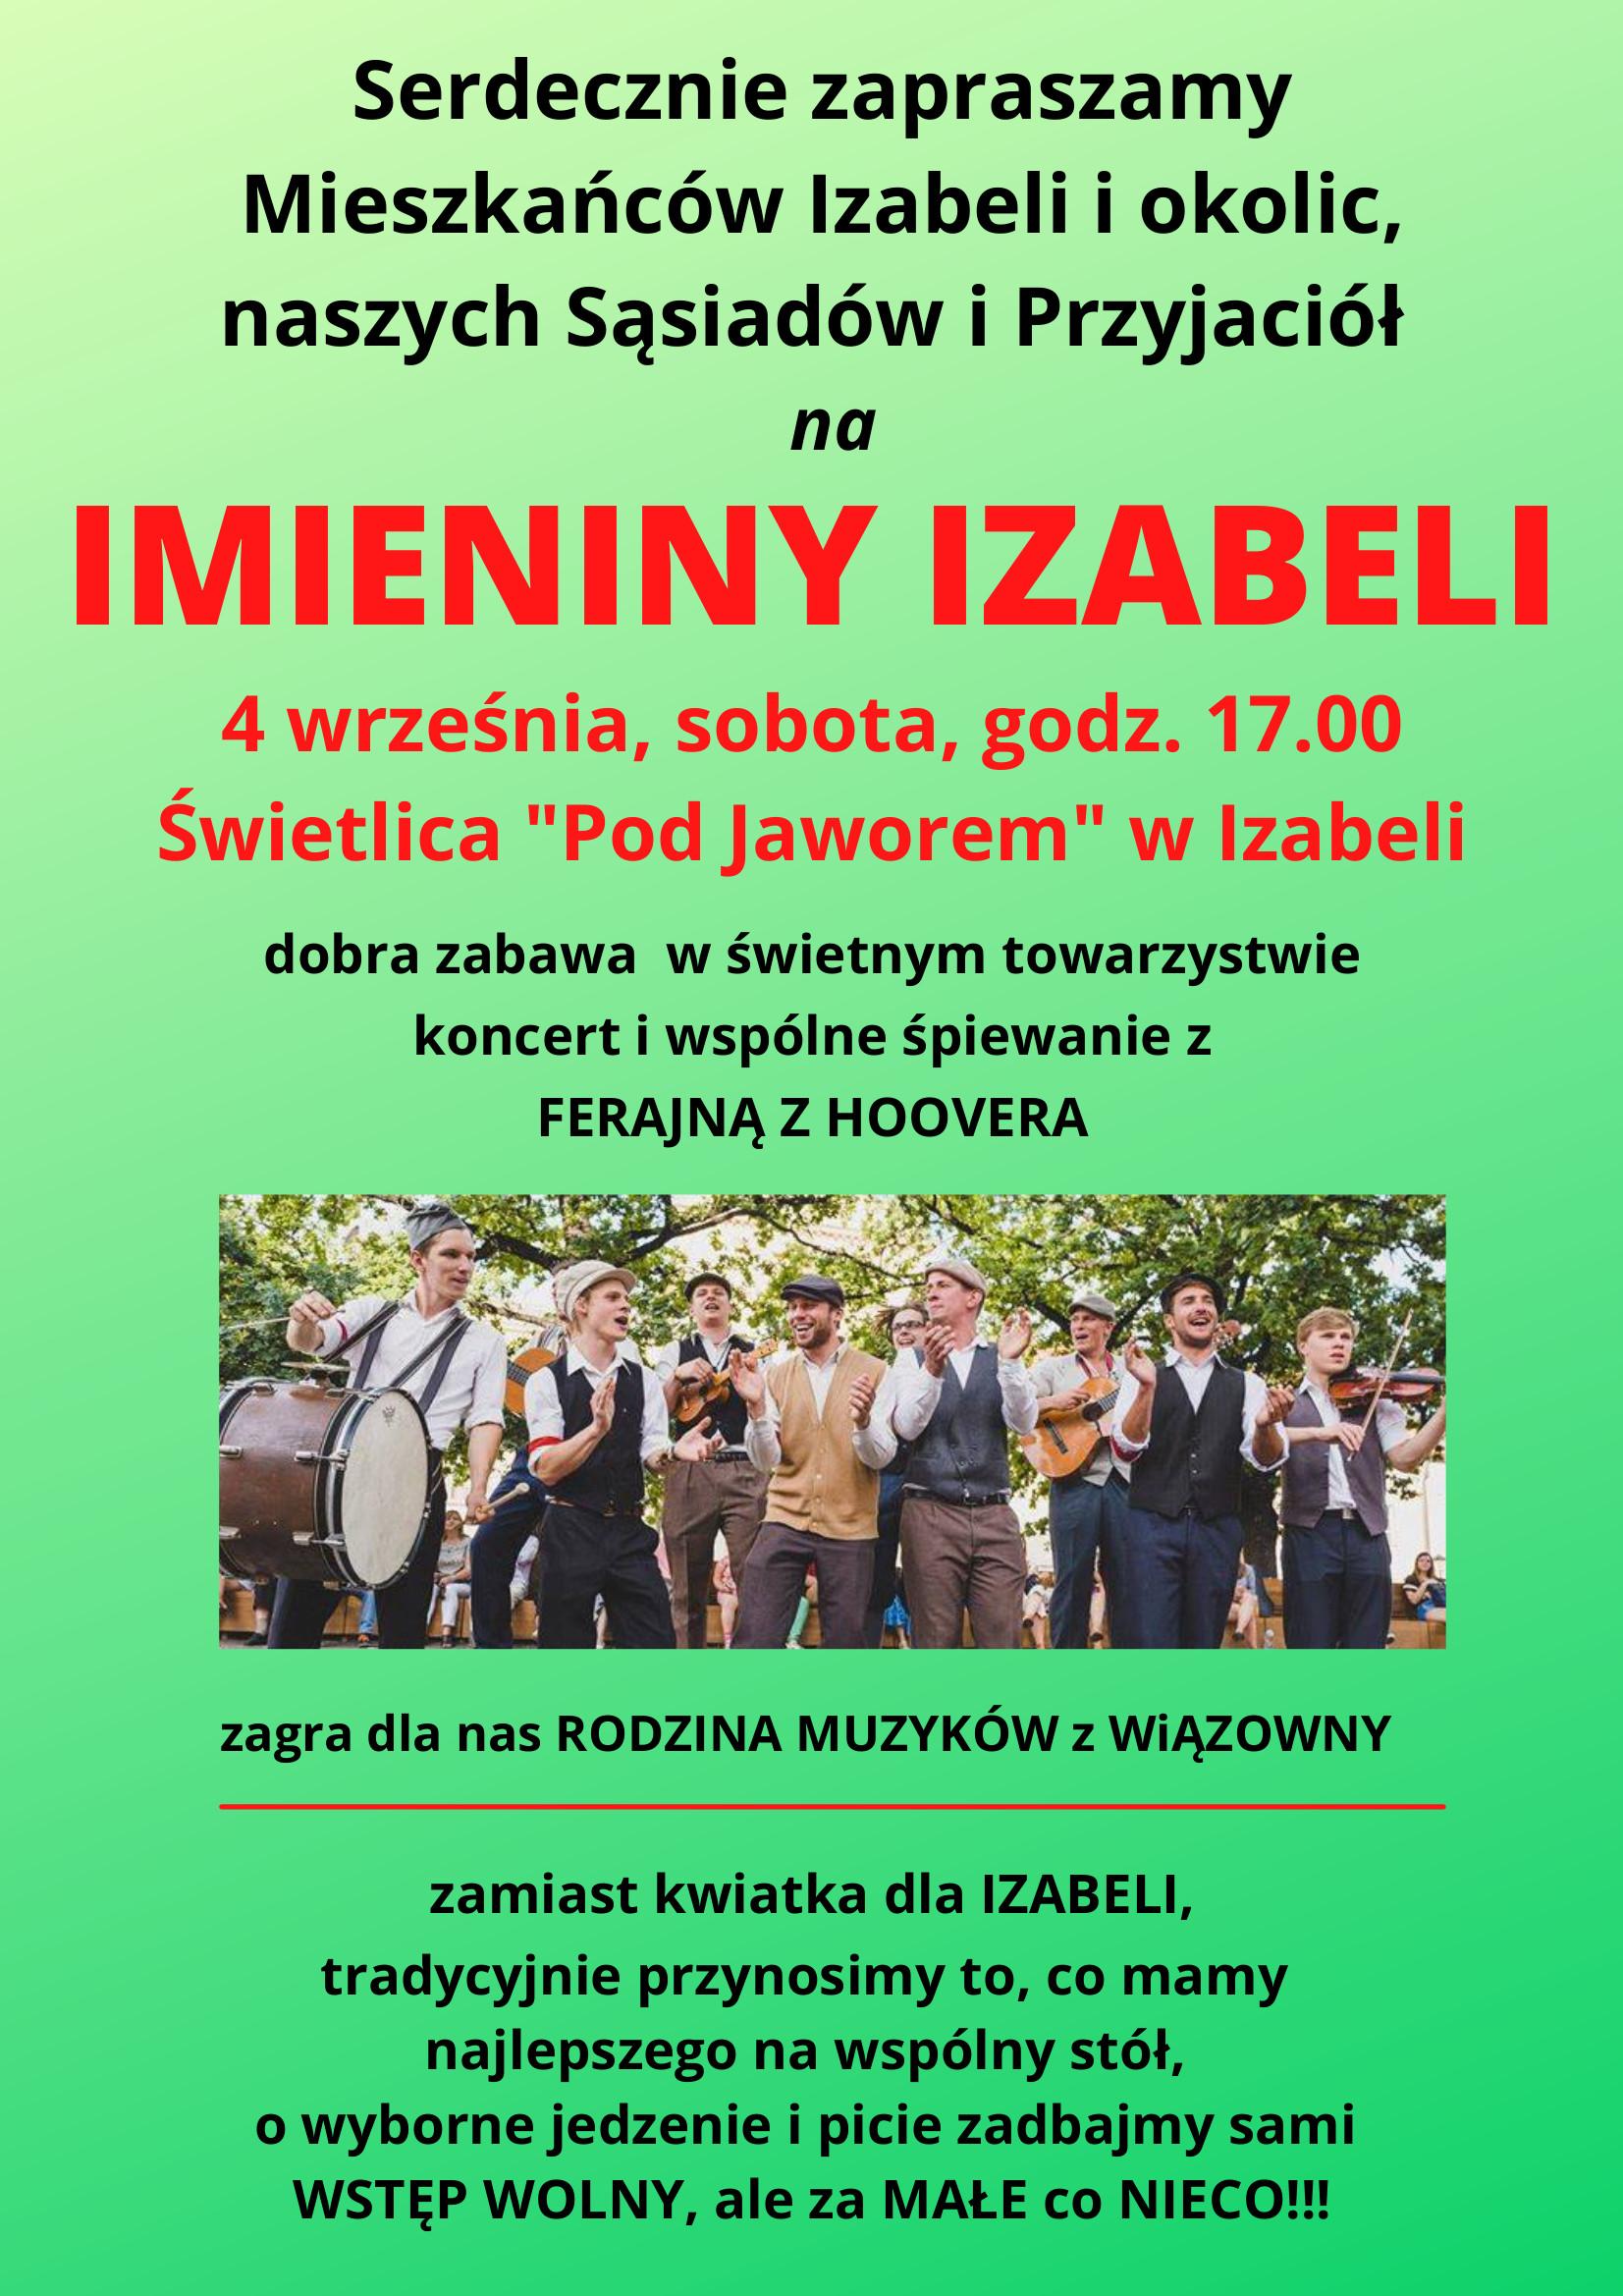 Plakat informujący o Imieninach Izabeli w świetlicy wiejskiej w Izabeli 4 września